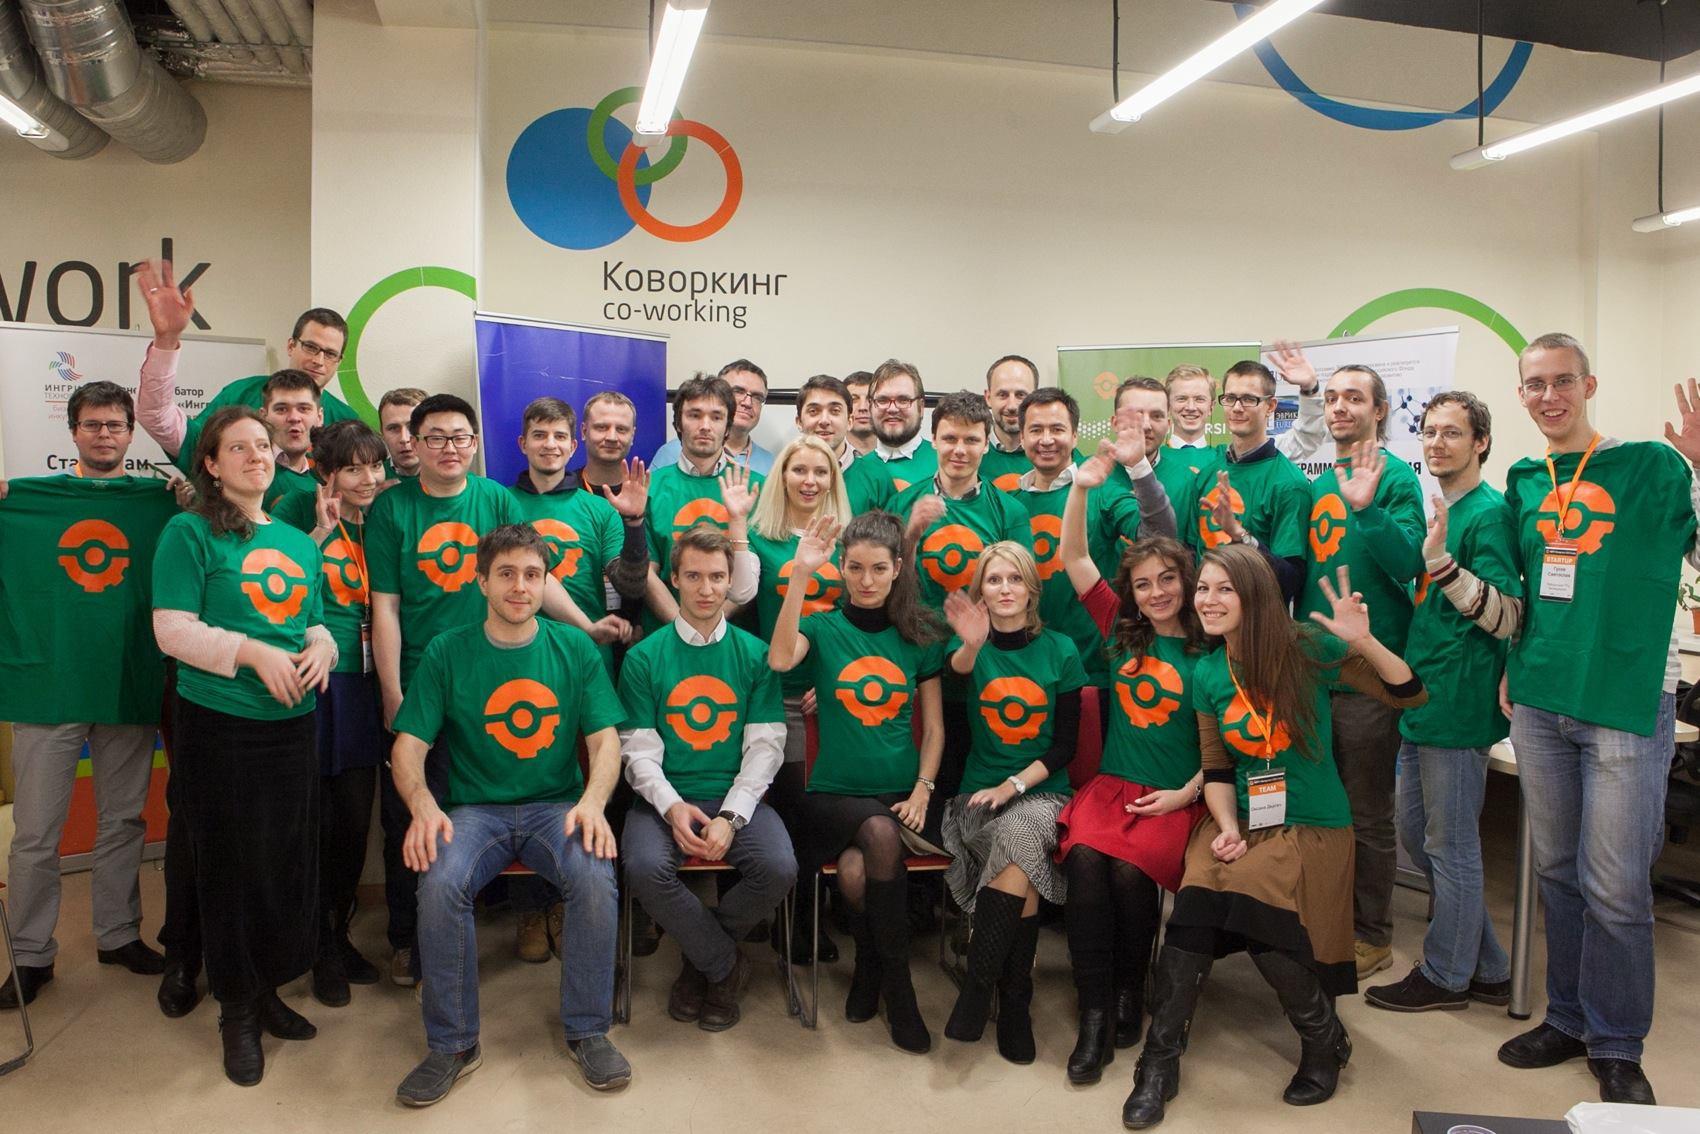 Состоялся выпуск образовательной программы для стартапов ABRT-Mangrove CEO Camp 2.0! - 1